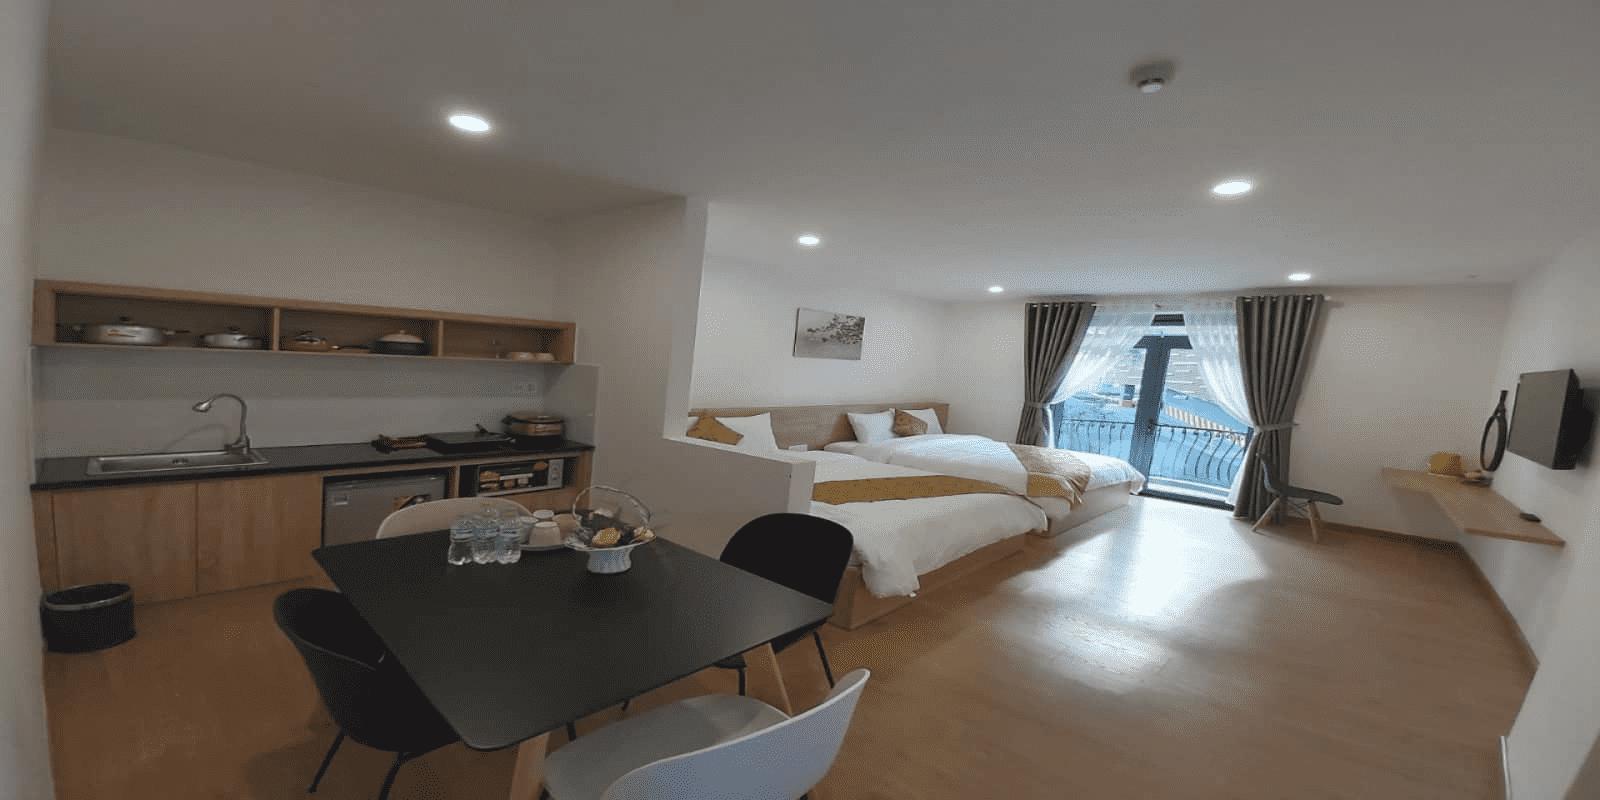 Khách sạn mang đến tính riêng tư cao cho khách du lịch